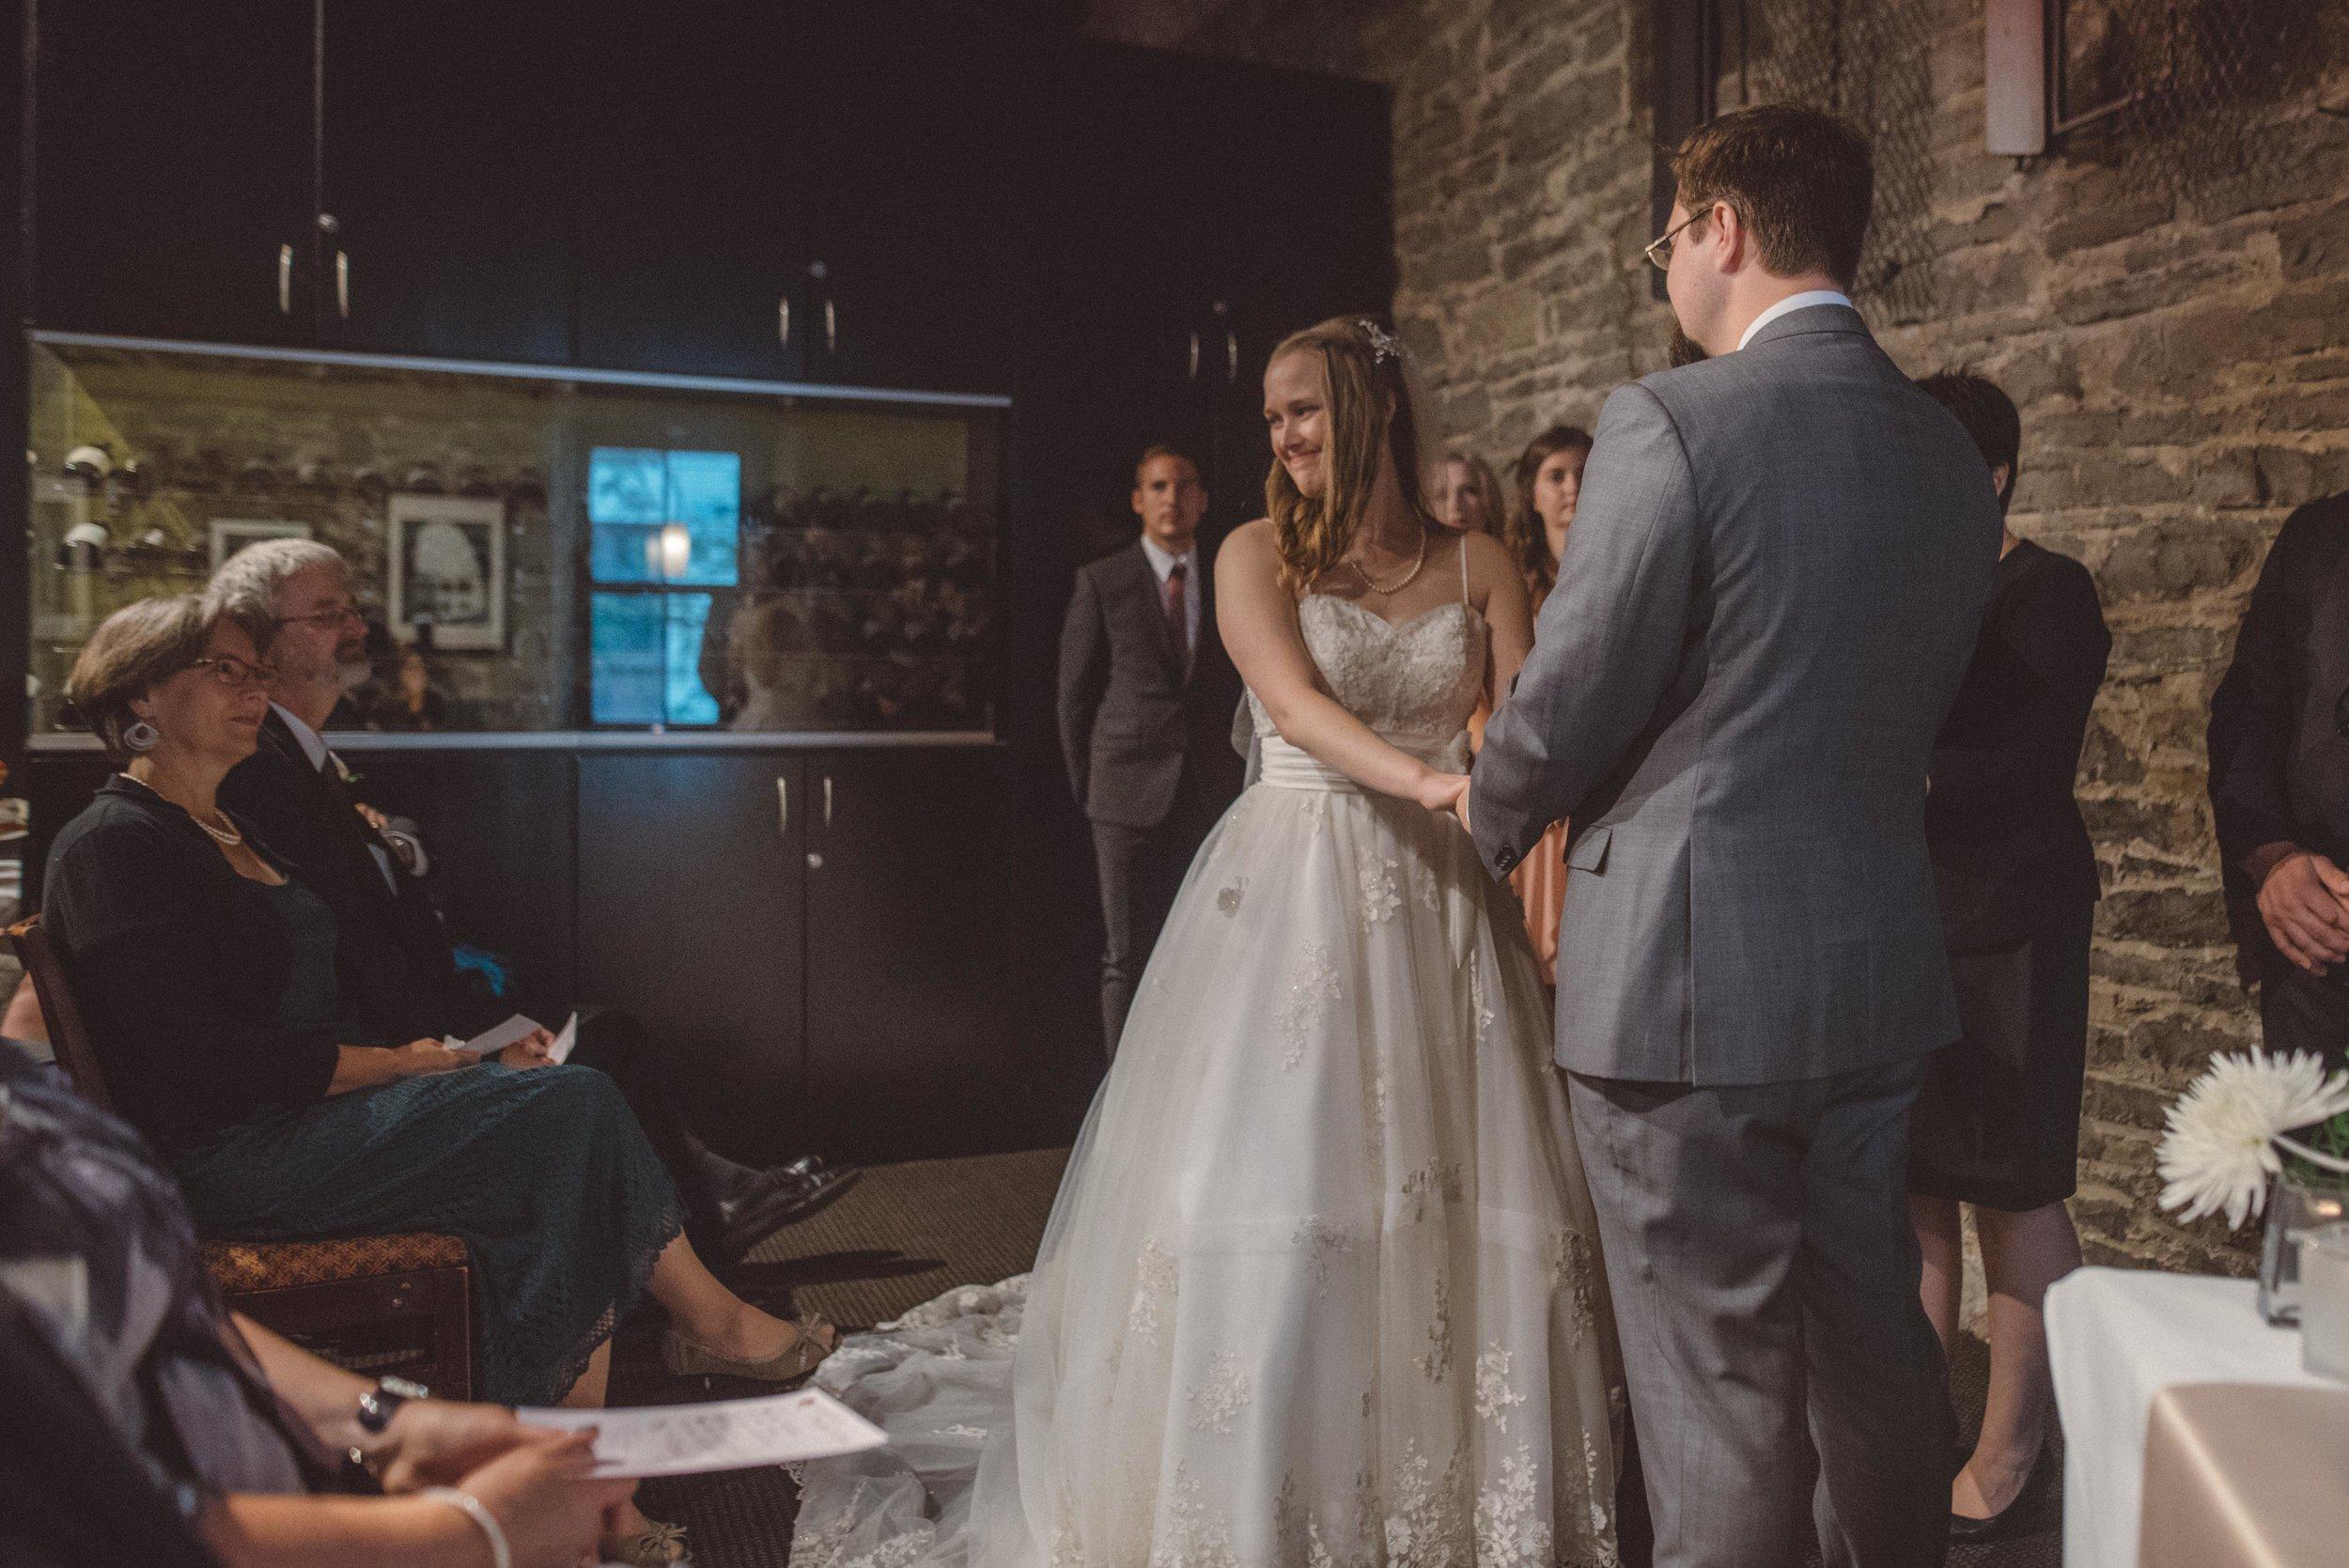 wedding_photographer_lifestyle_documentary_photographe_ottawa_gatineau-35.jpg